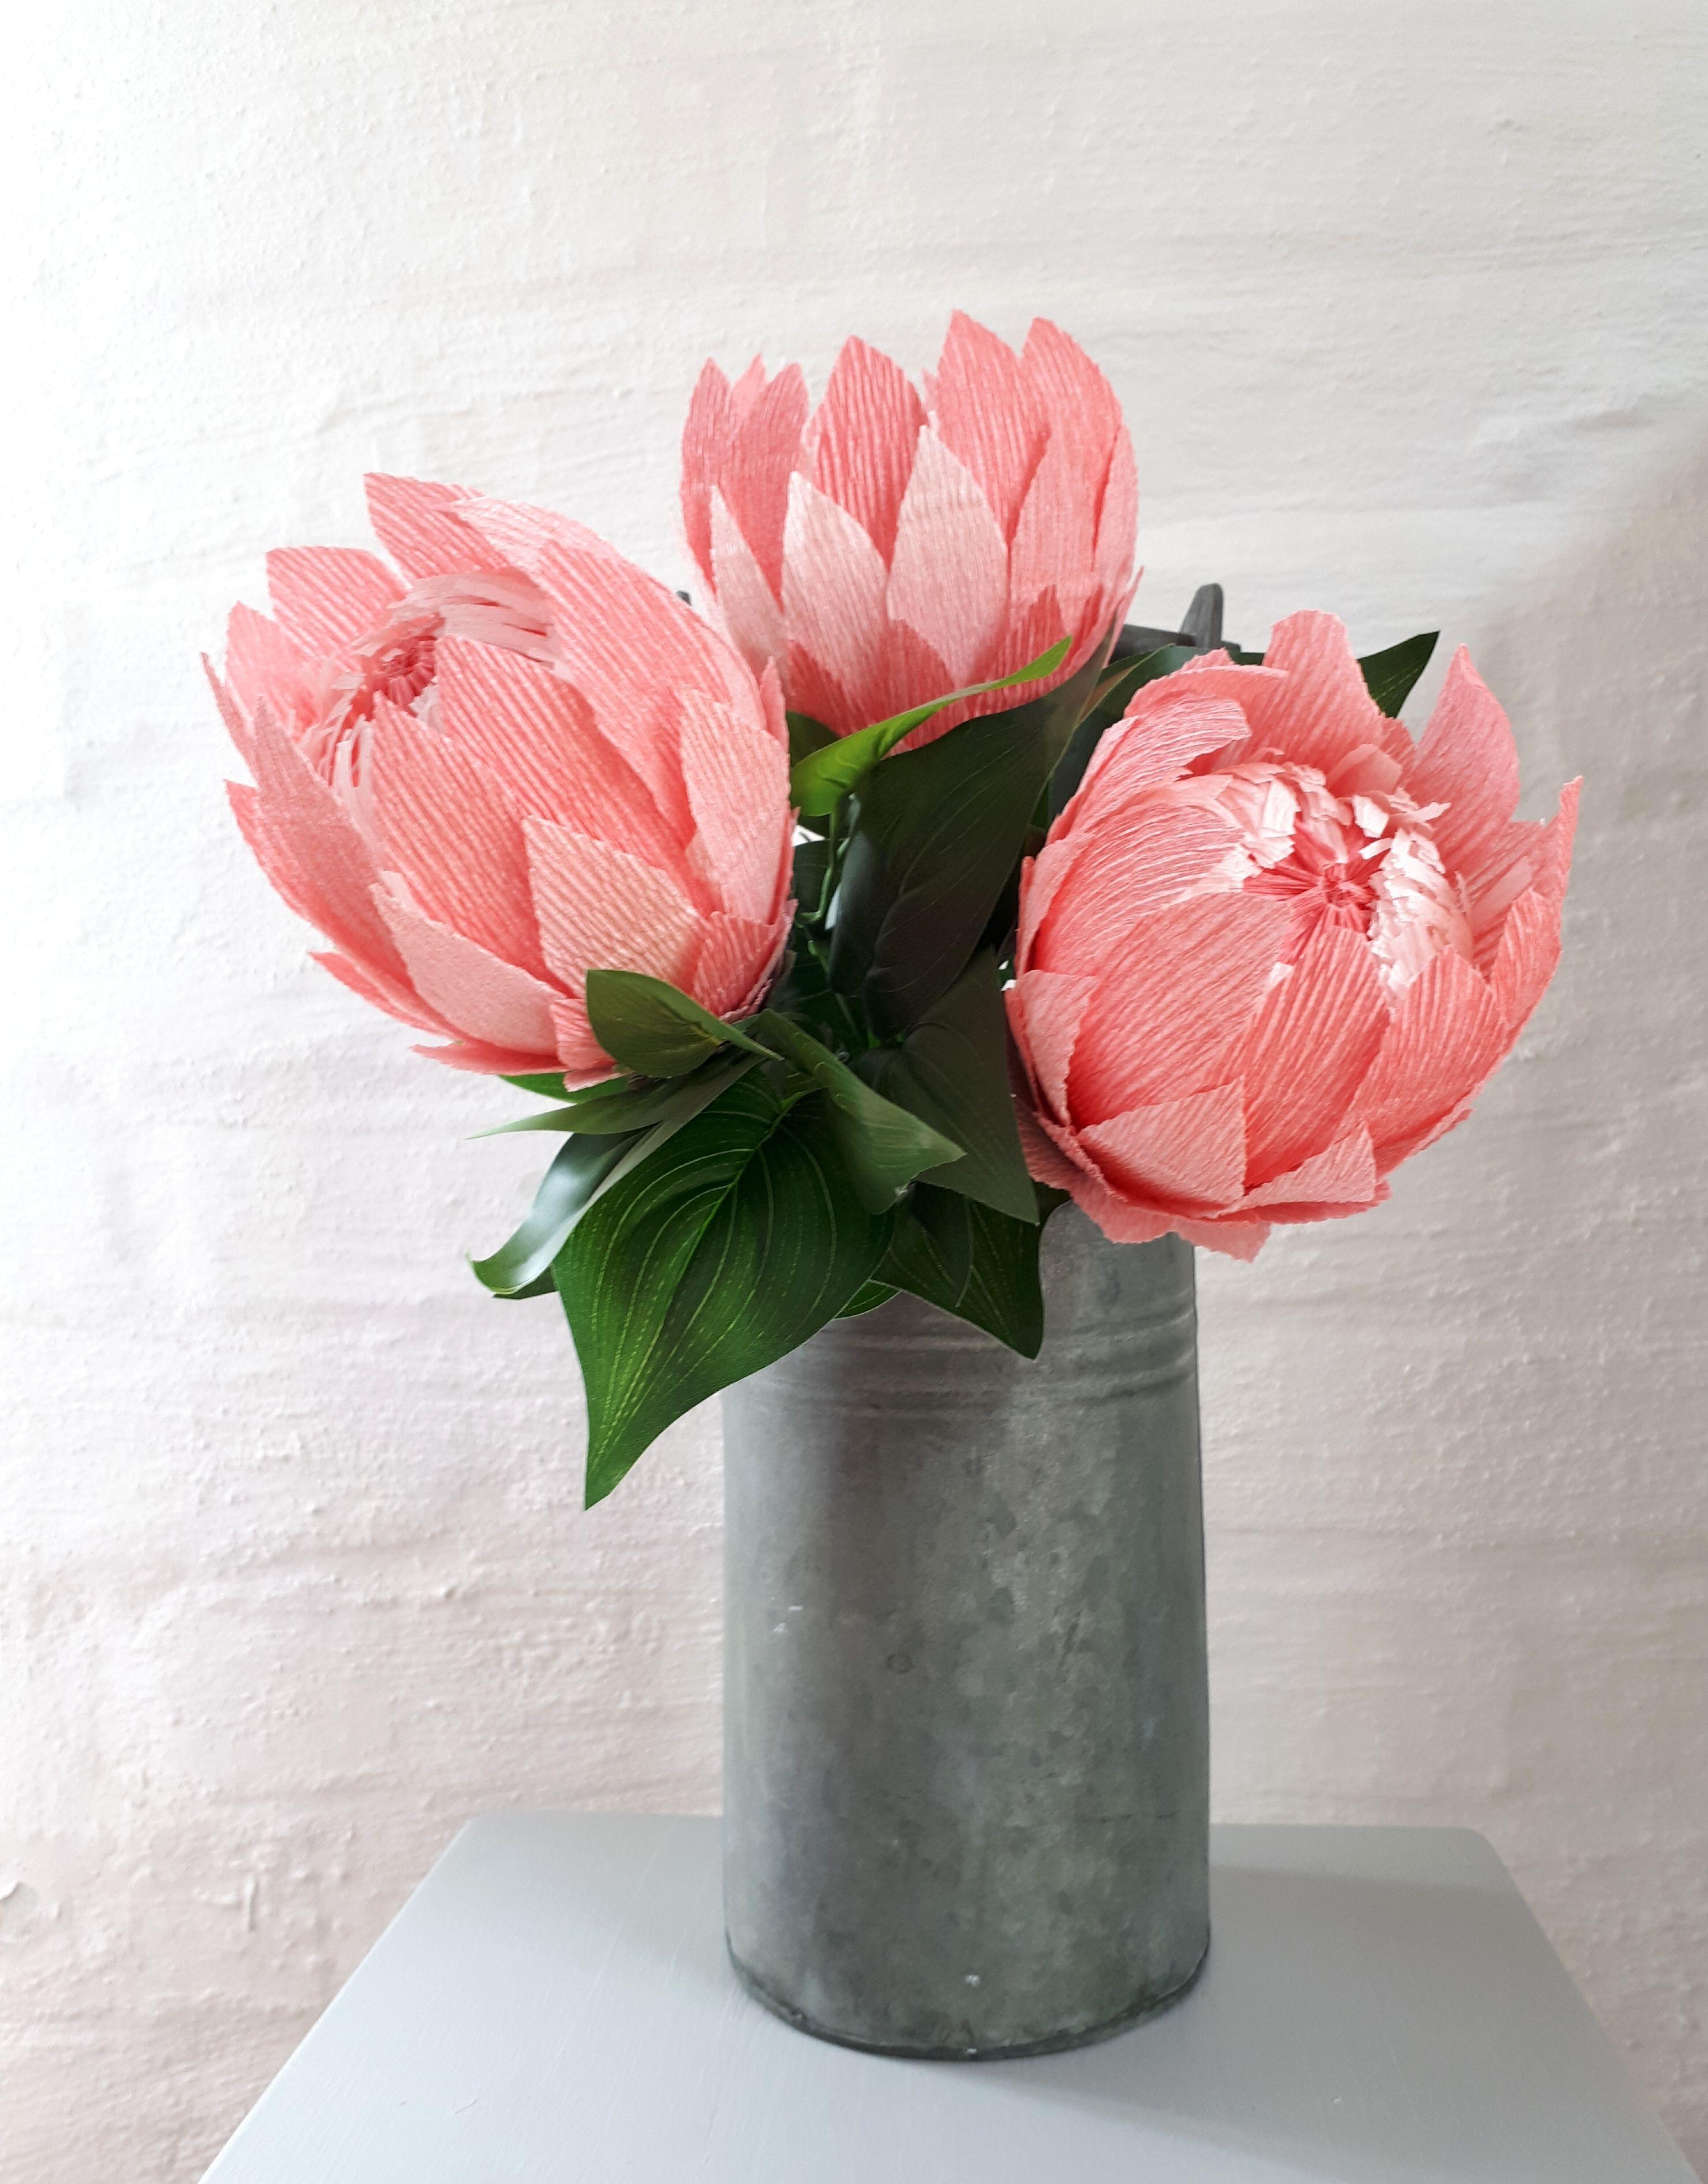 Crepe Paper Proteas Crepe Paper Flowers Pinterest Crepe Paper